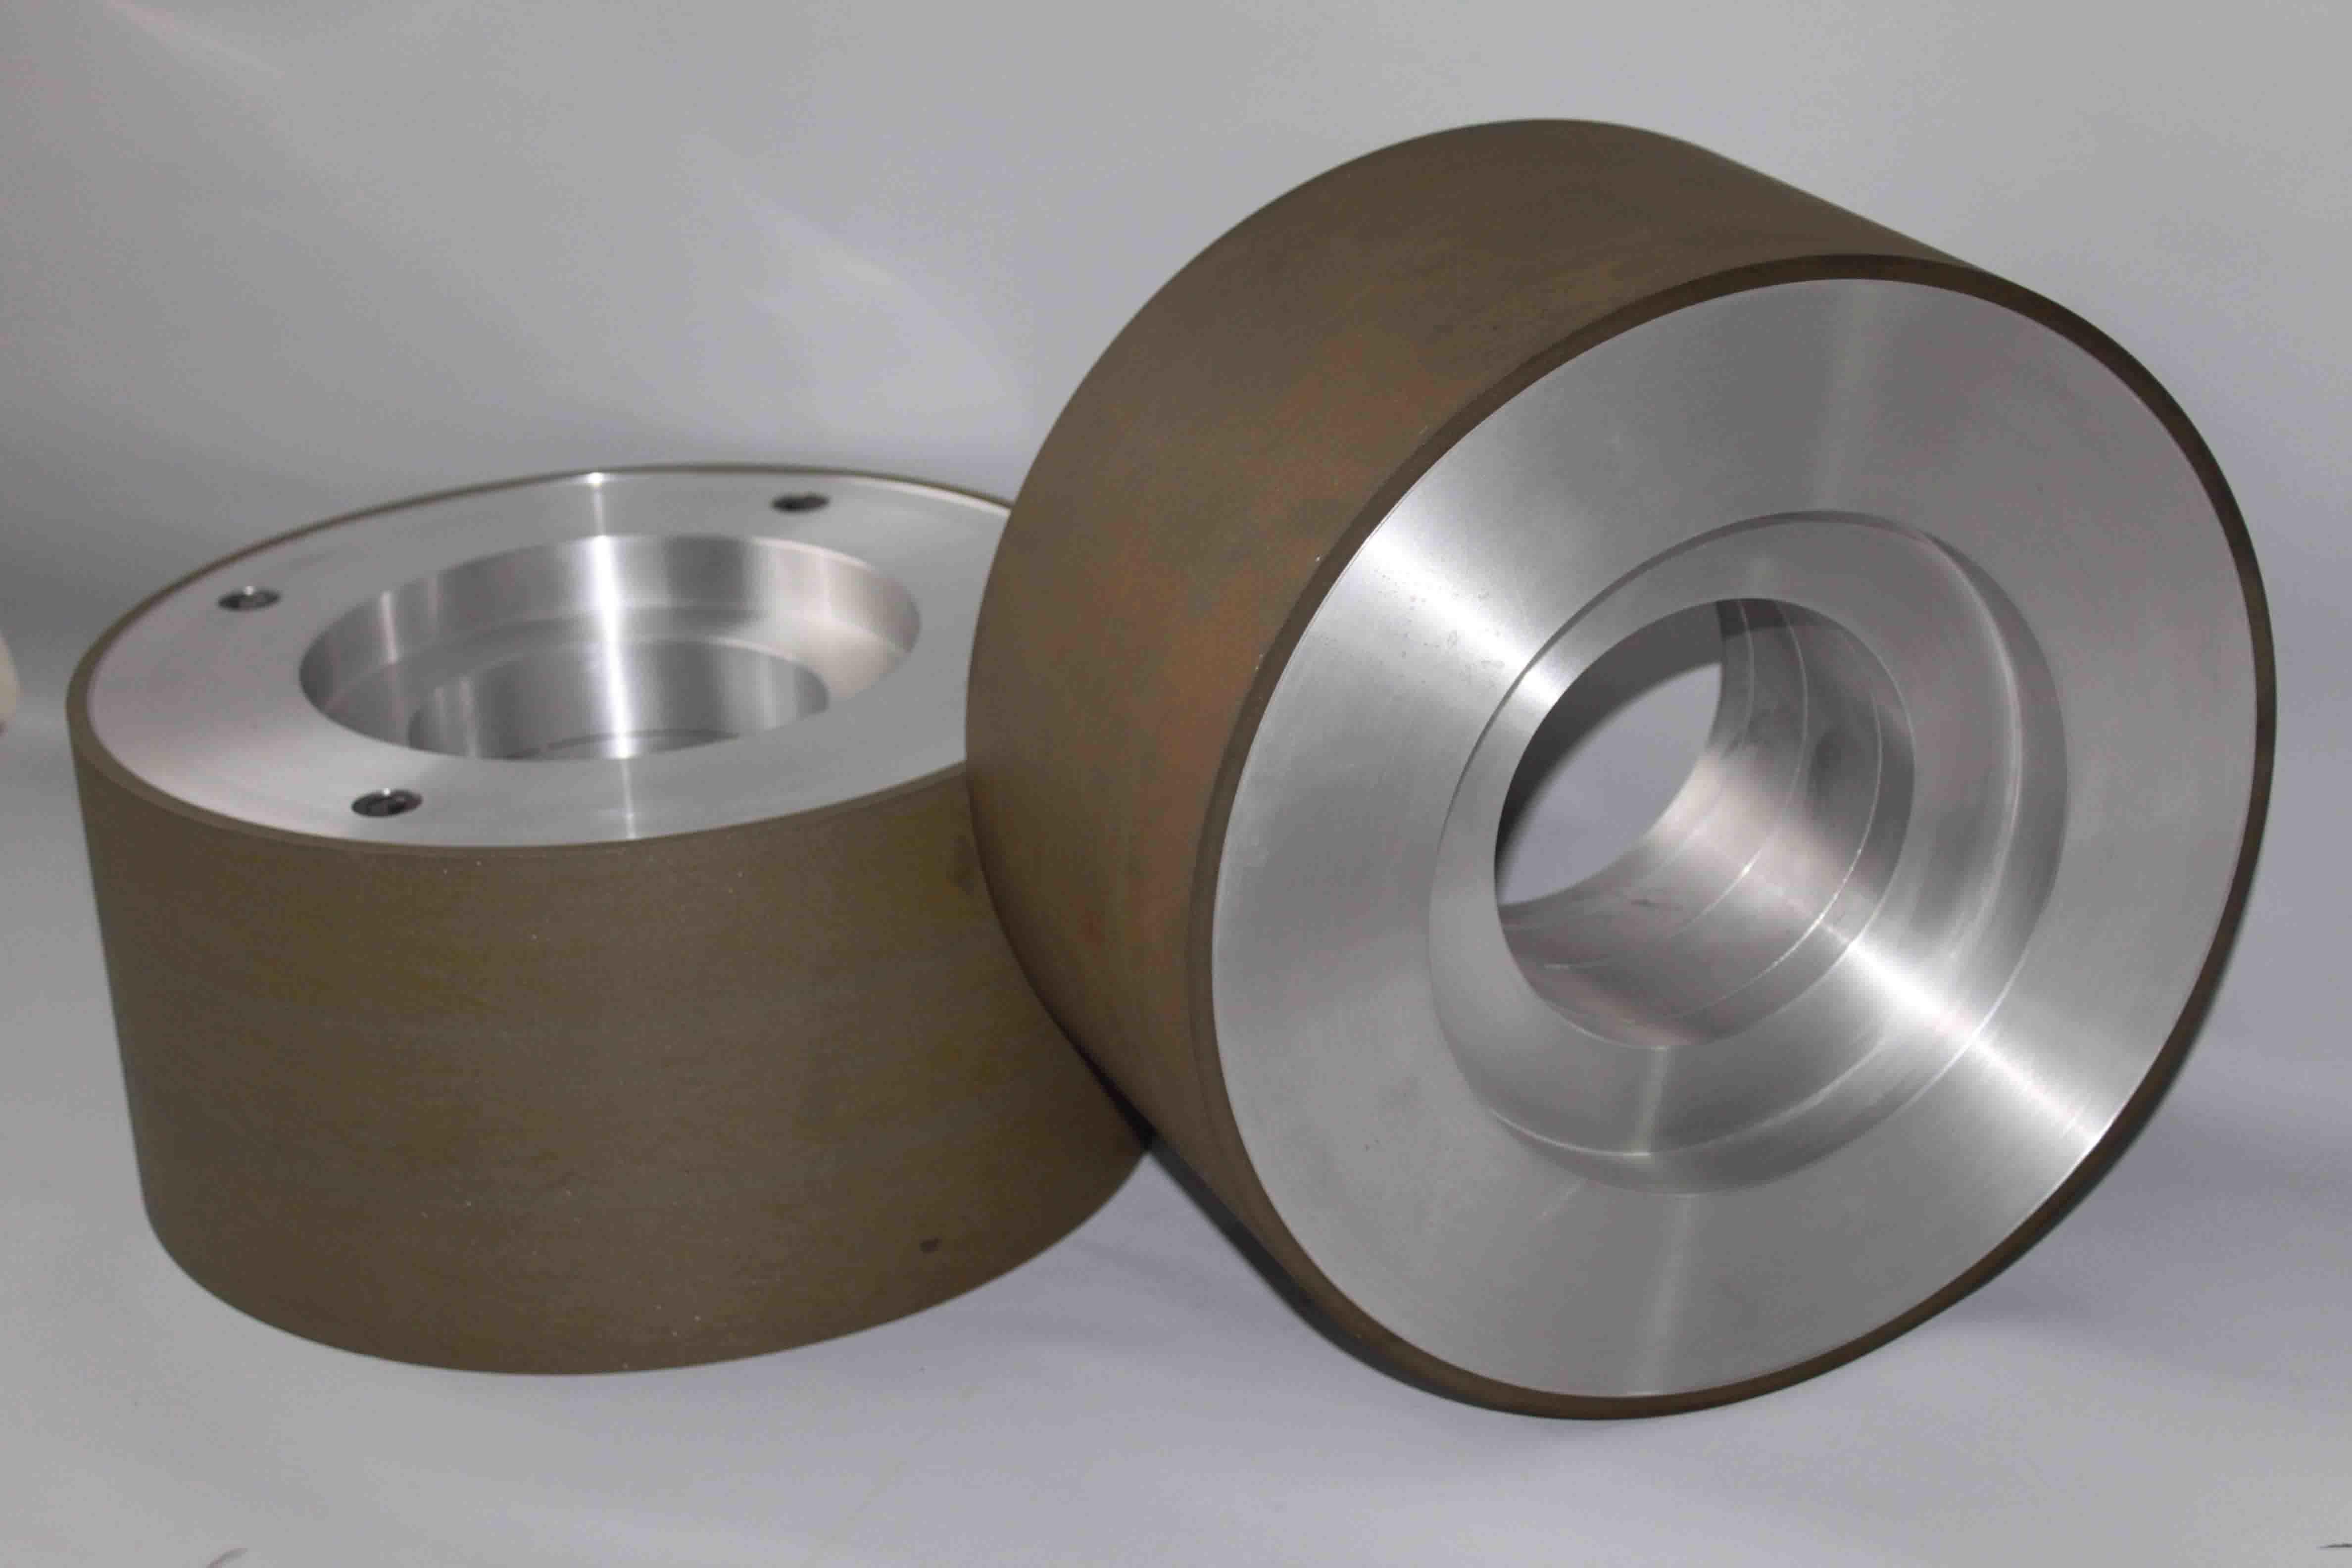 1A1, 1A1r Diamond Grinding Wheels